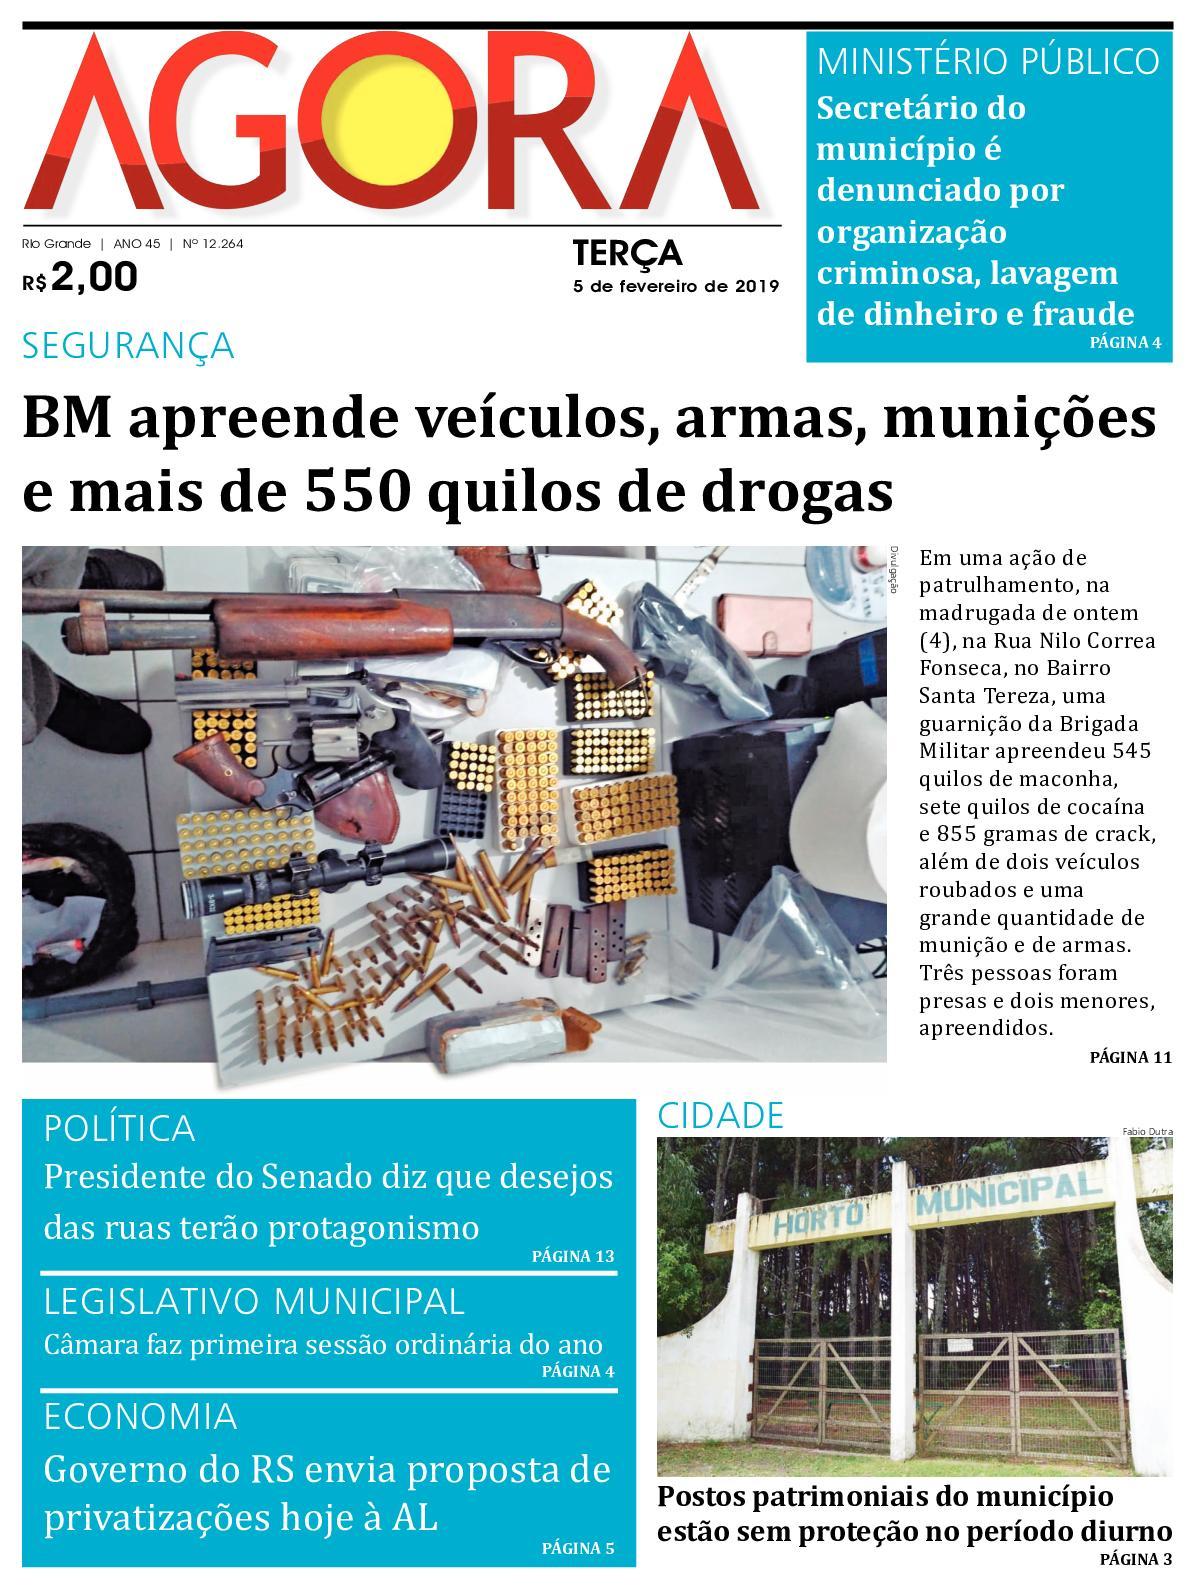 Calaméo - Jornal Agora - Edição 12264 - 5 de Fevereiro de 2019 972bca06d0